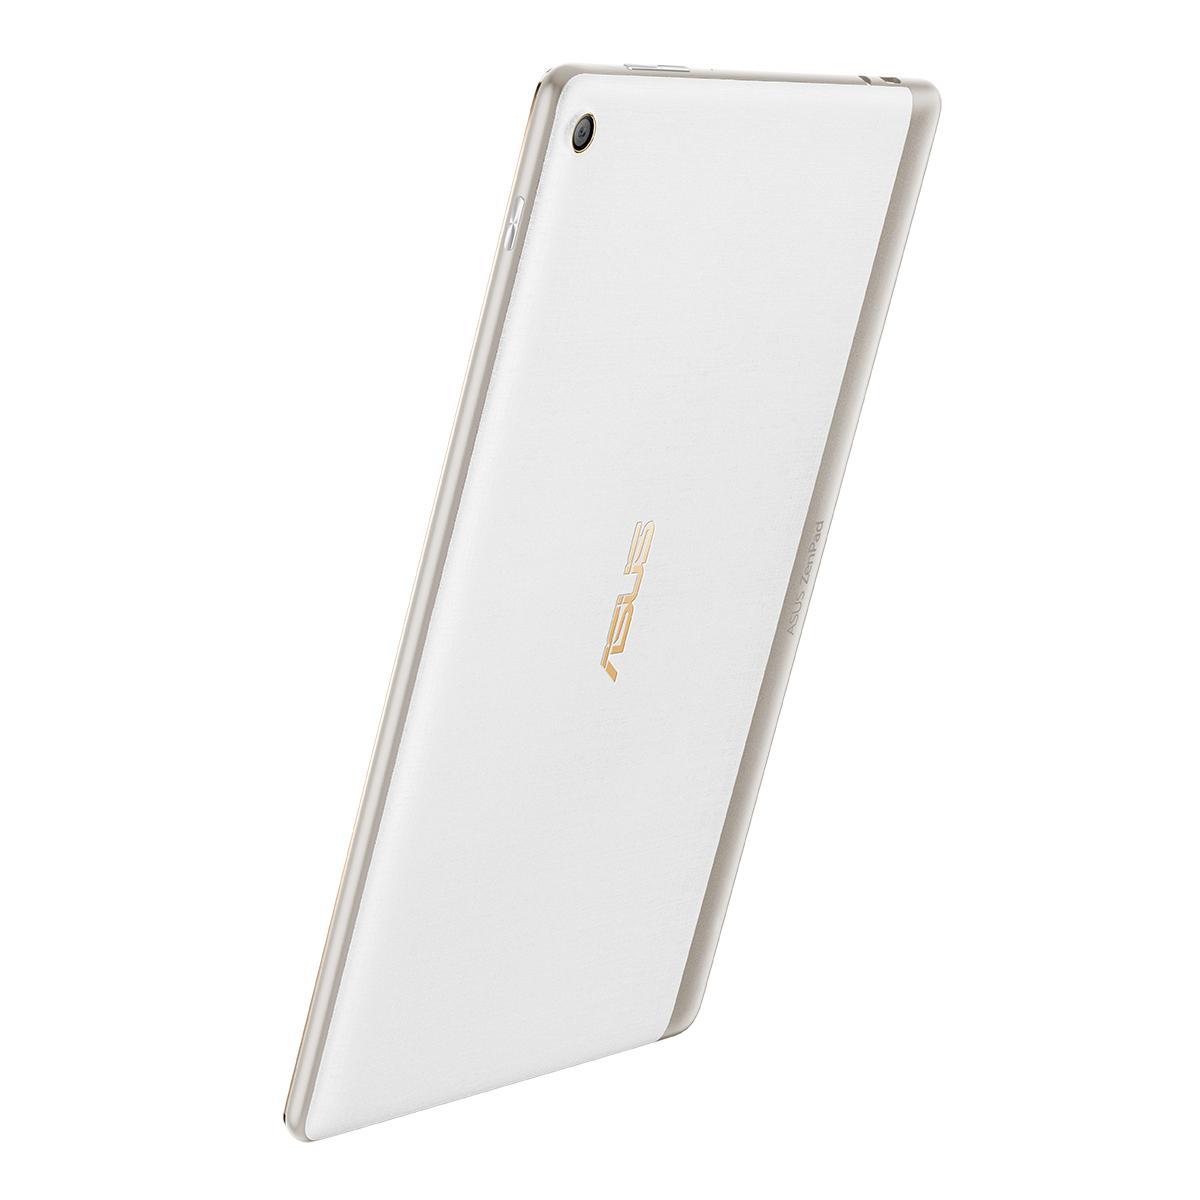 ASUS ZenPad Z301M-1B008A